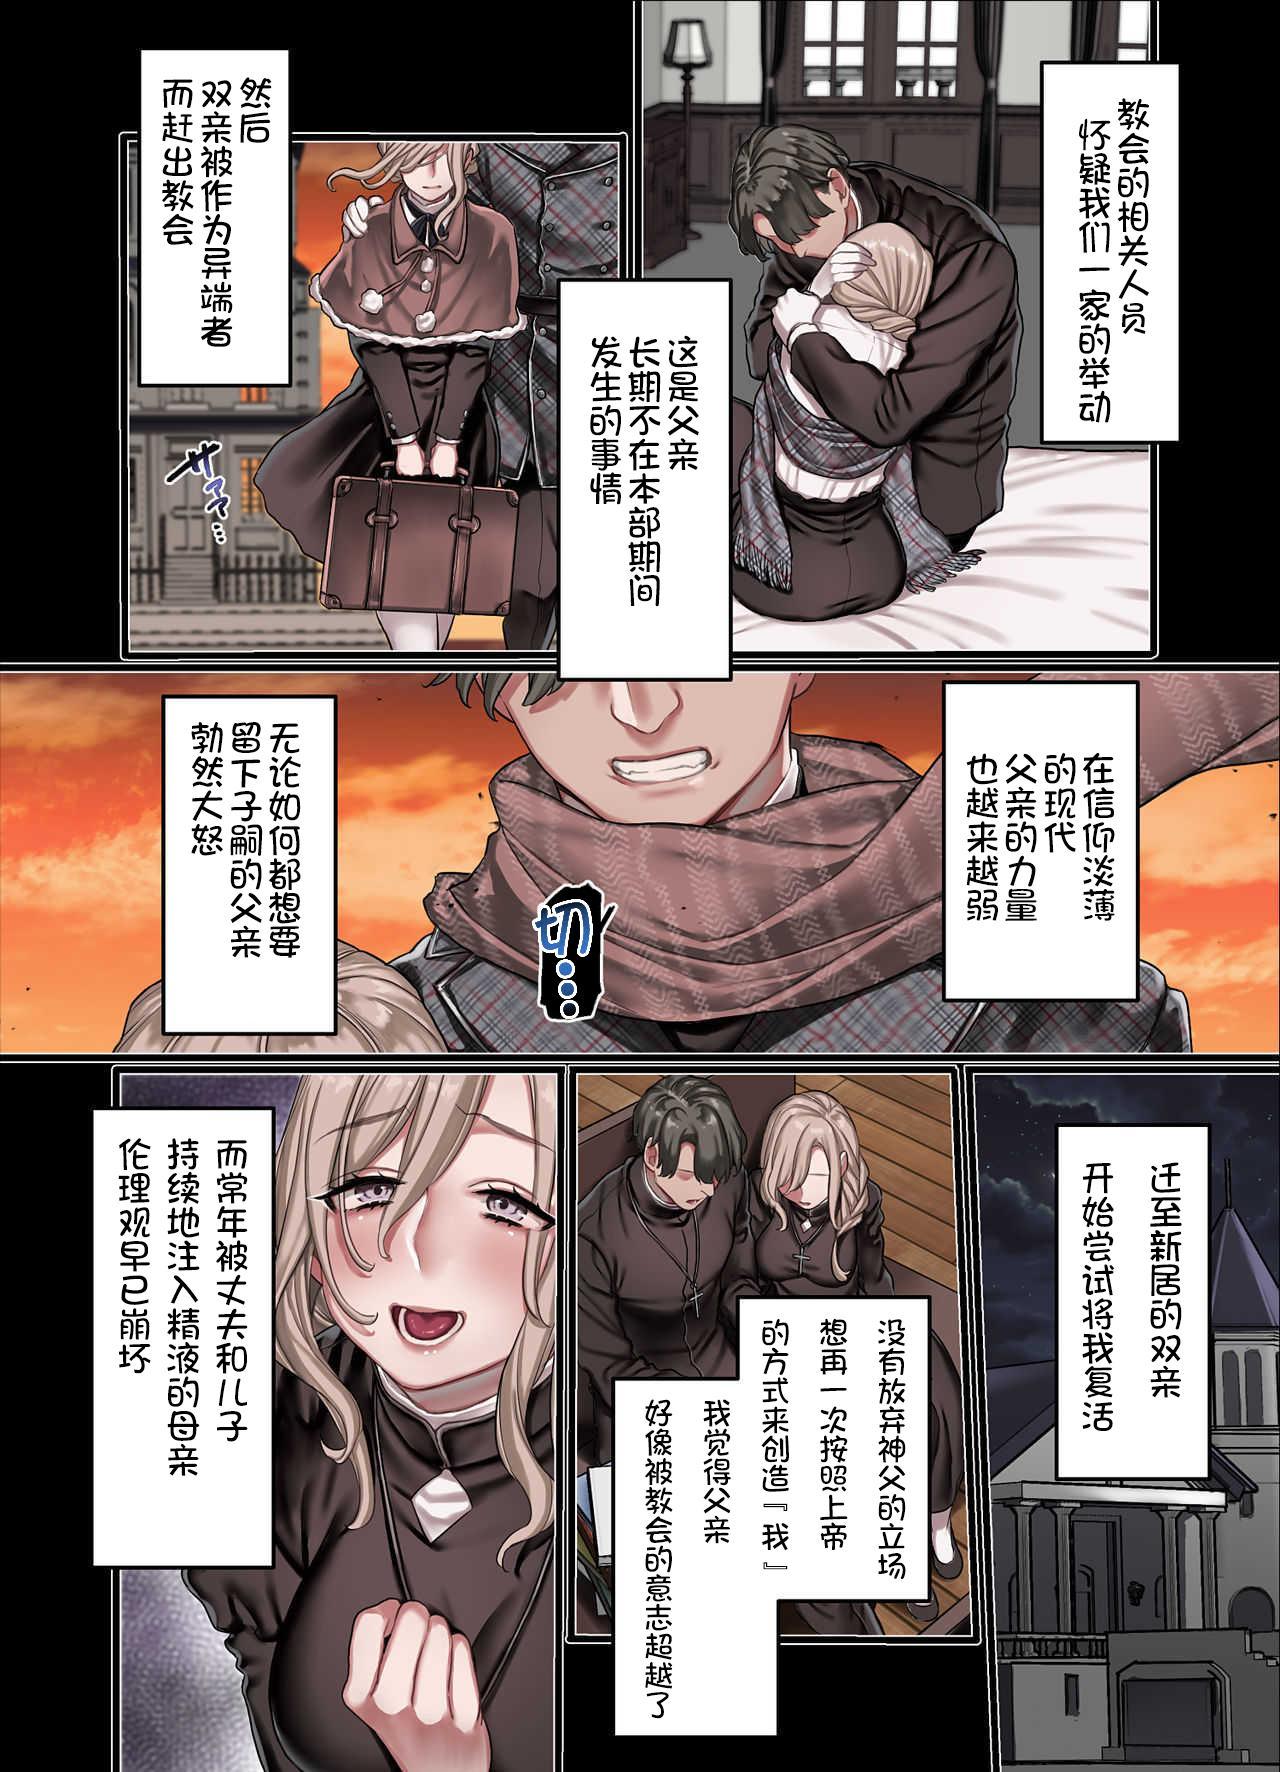 L Kyoukai to Itansha Ikka + 57